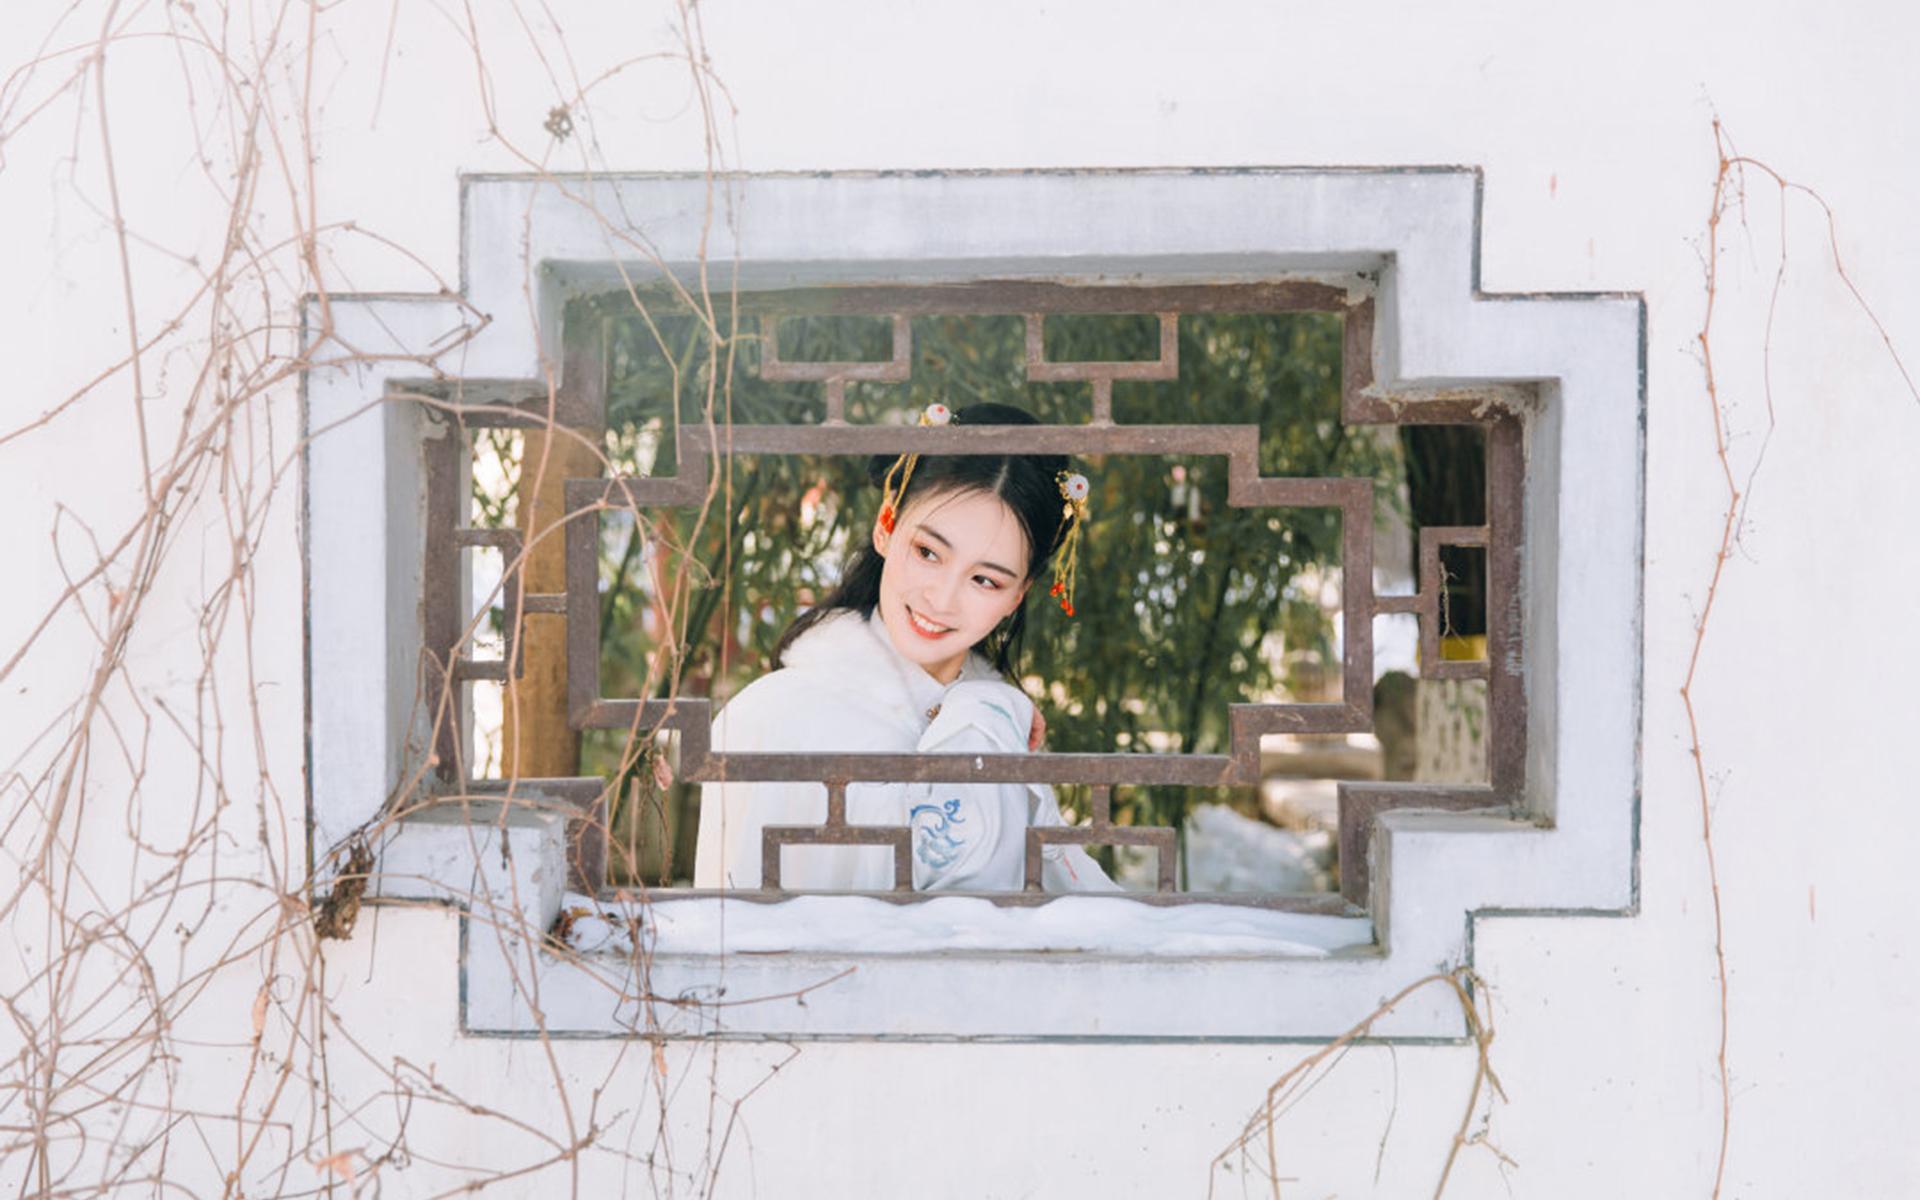 中国古典美女头像图片苹果电脑宽屏壁纸